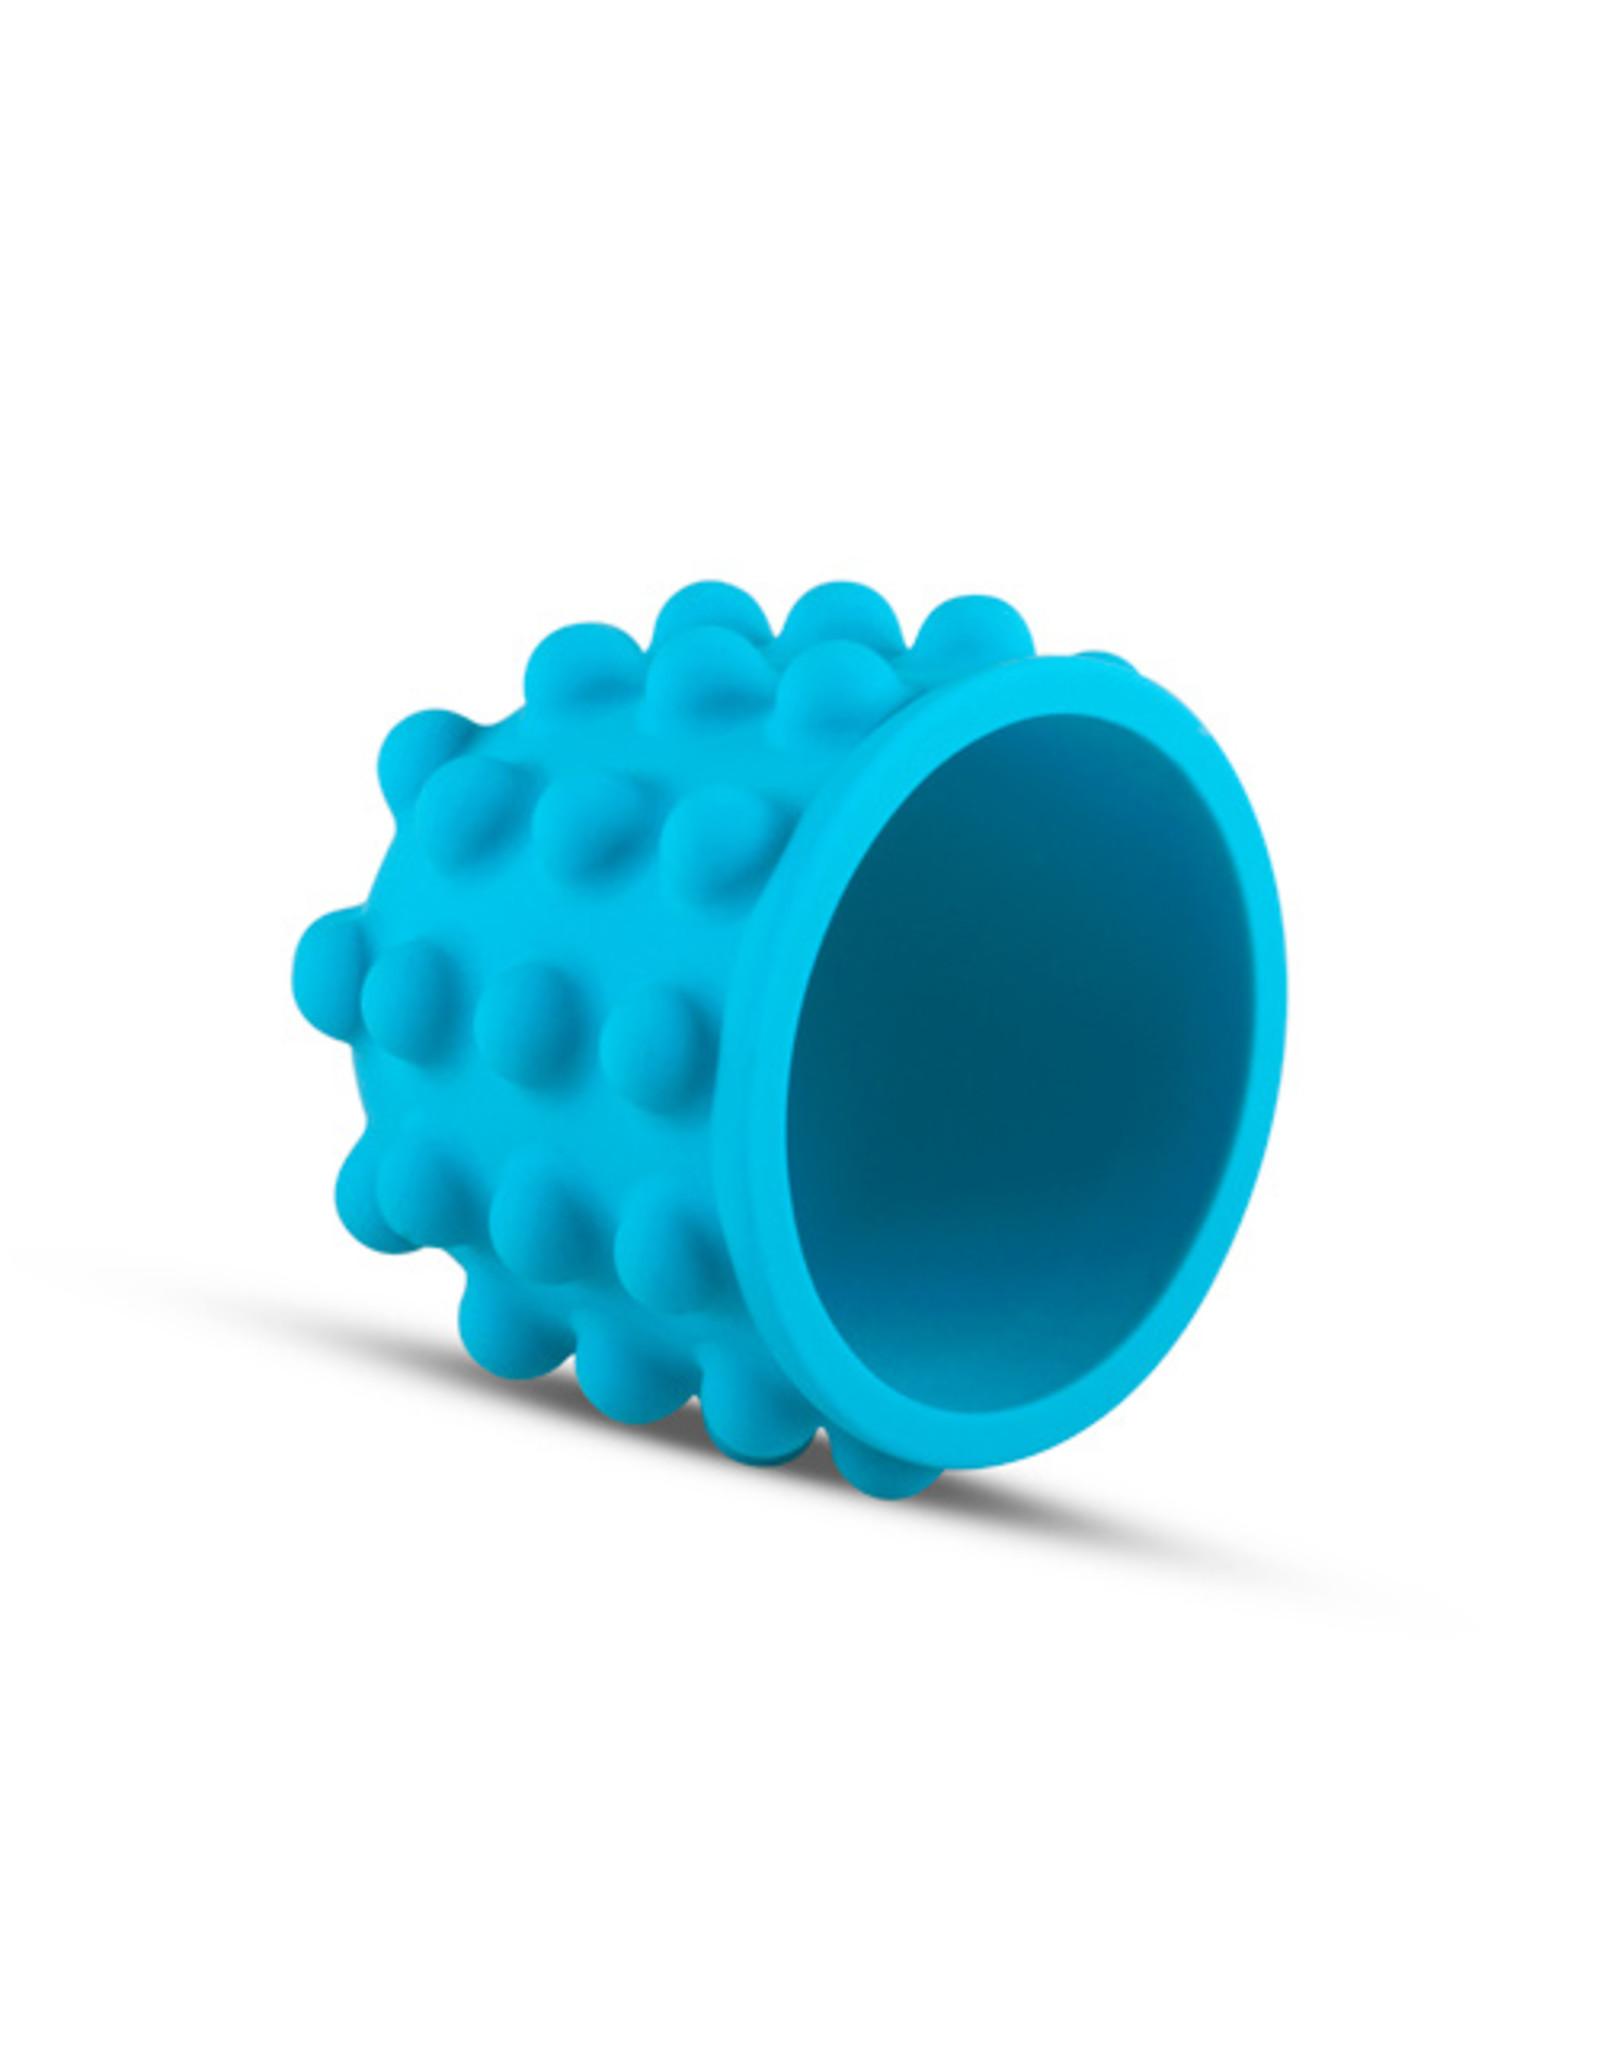 MyMagicWand MyMagicWand Genopt Opzetstuk - Blauw